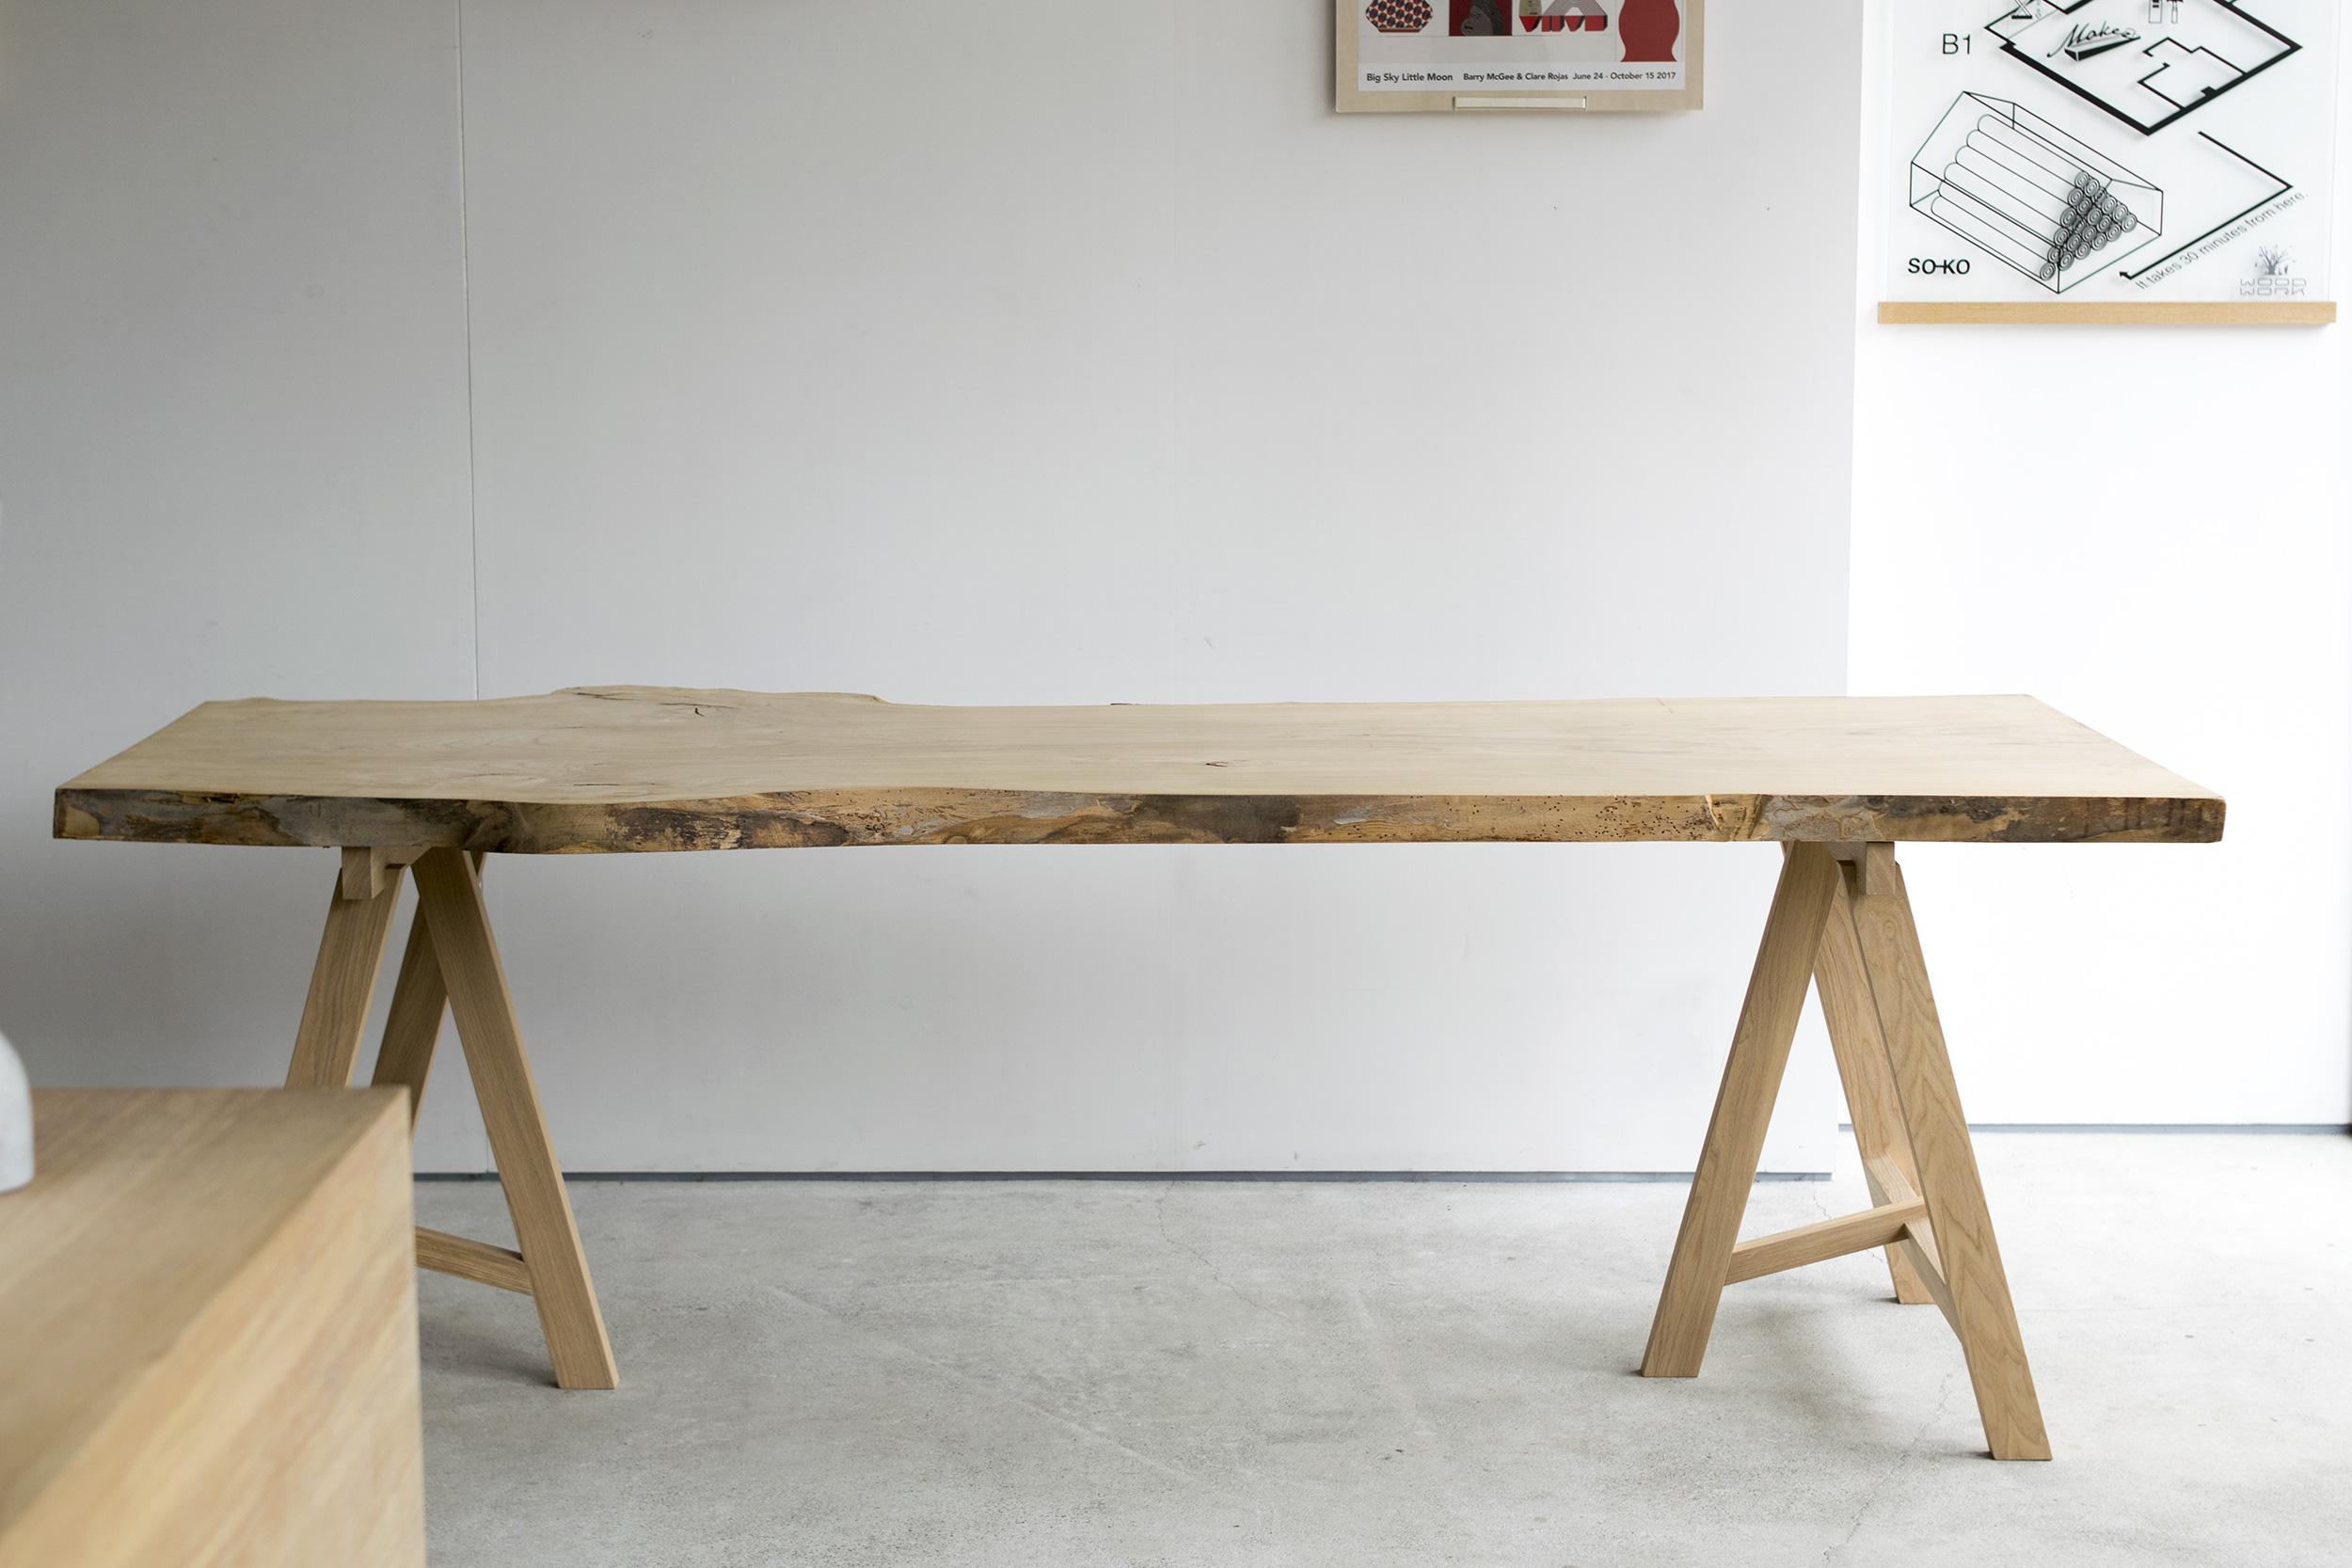 N11-07 ニレ(楡)一枚板天板